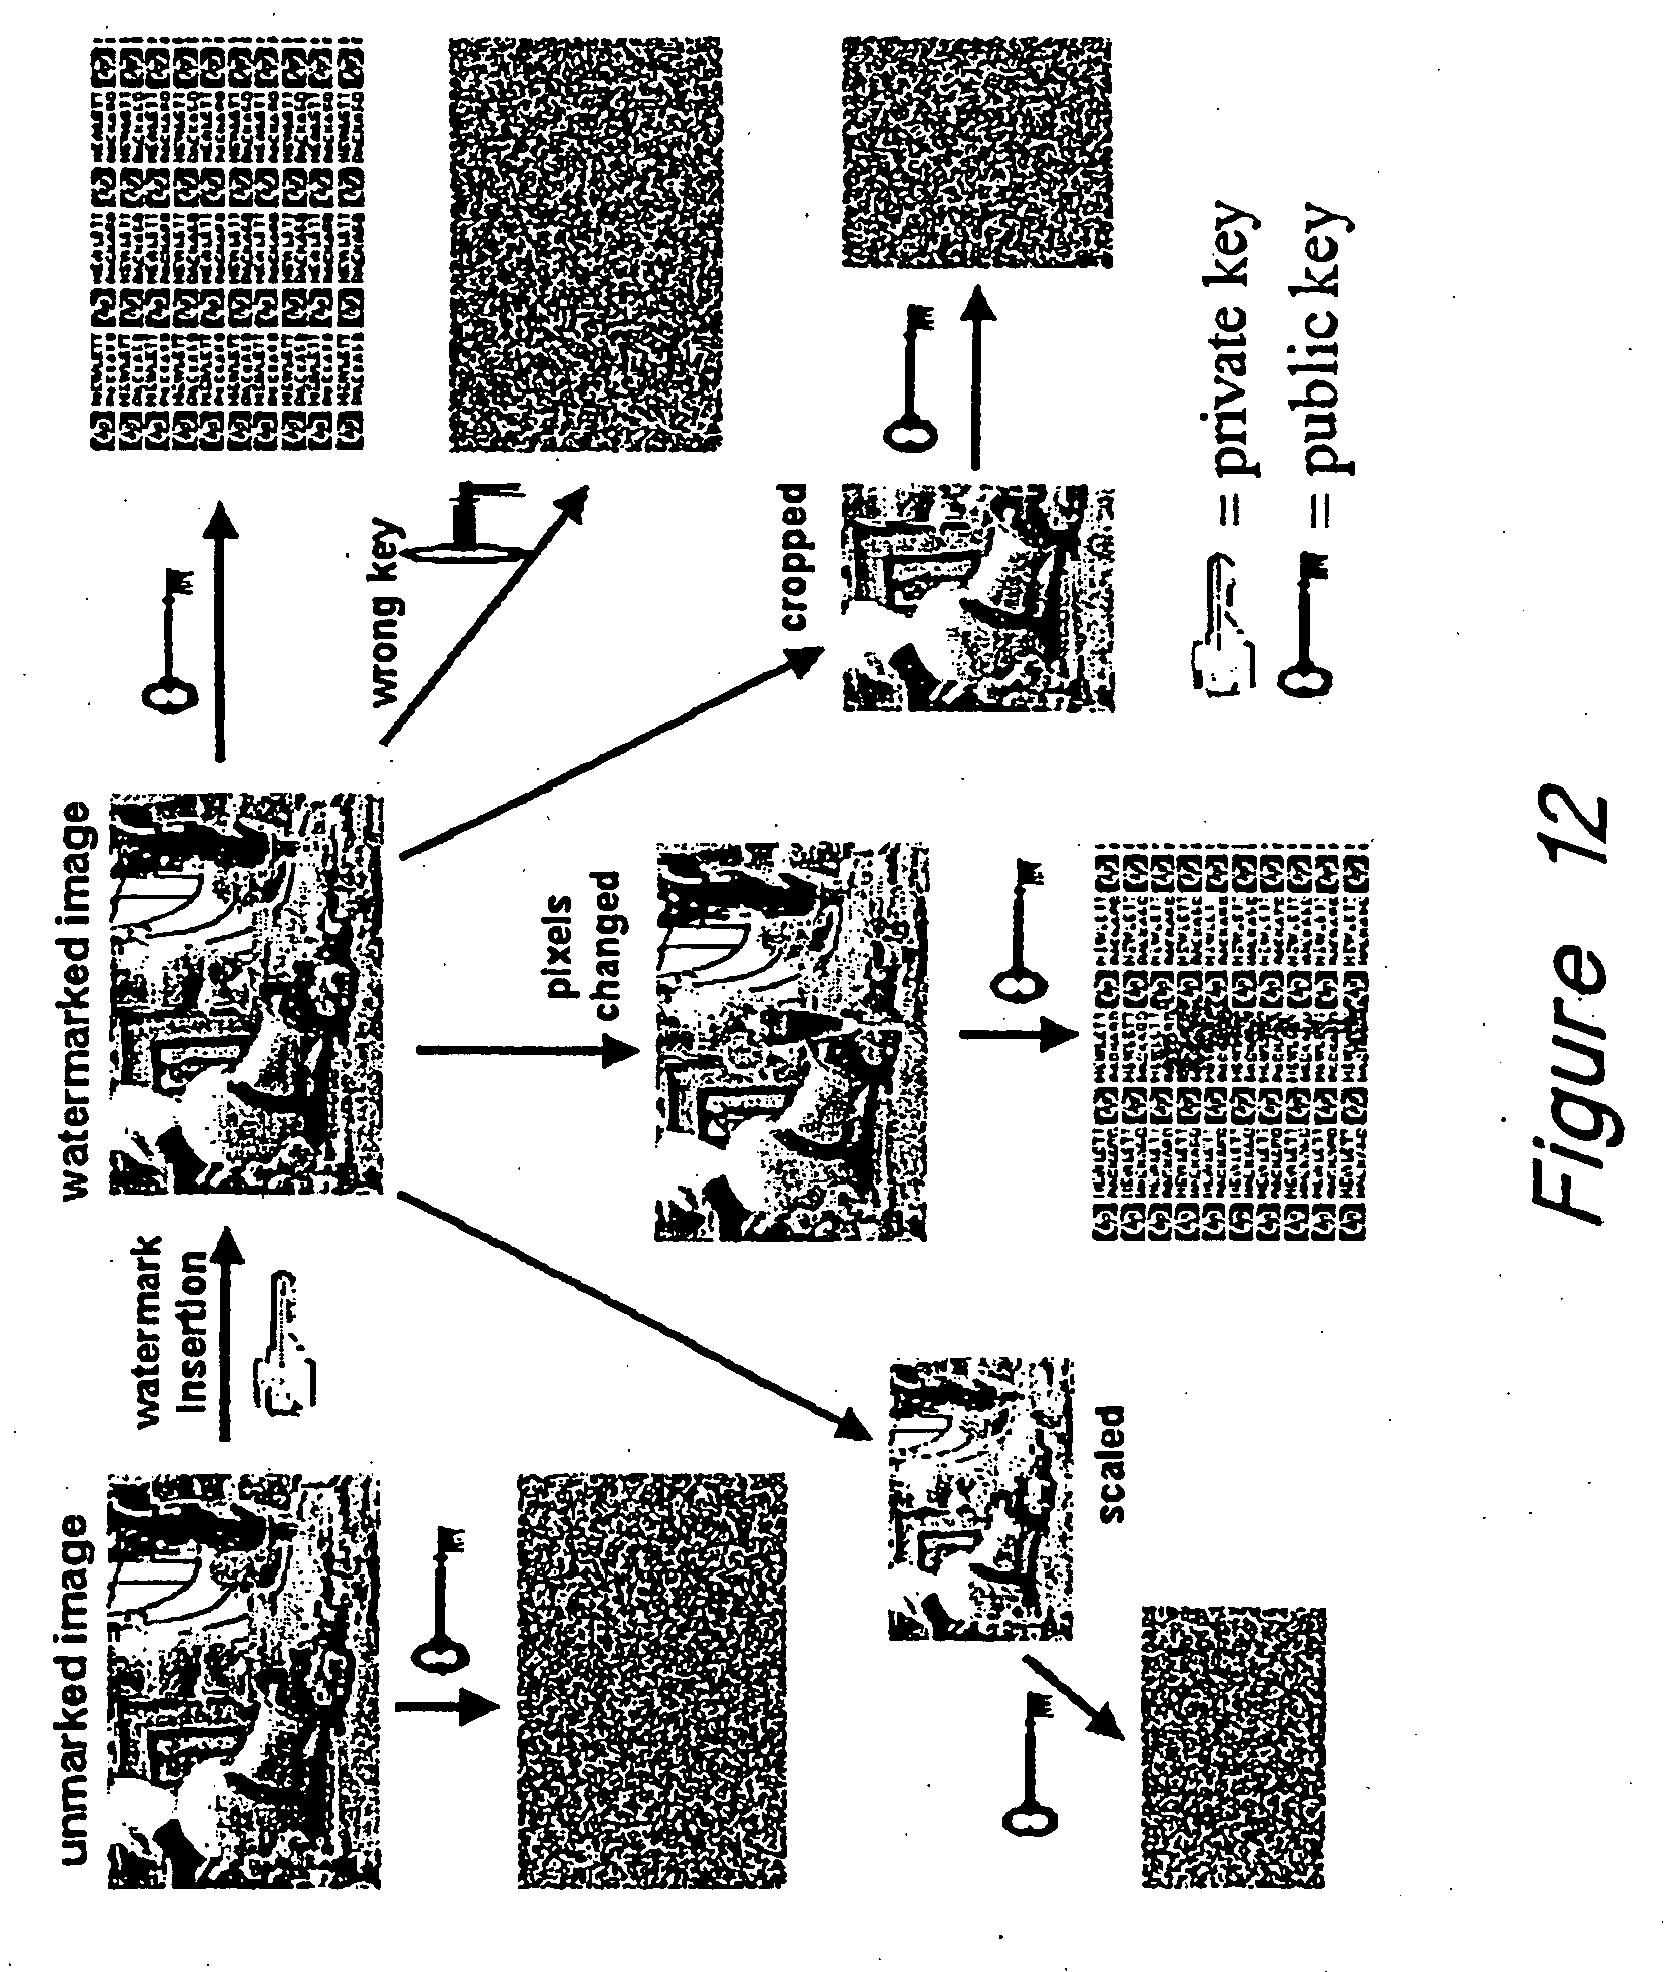 patent ep0953938b1 verfahren und ger t zum digitalen wasserzeichnen von bildern google. Black Bedroom Furniture Sets. Home Design Ideas